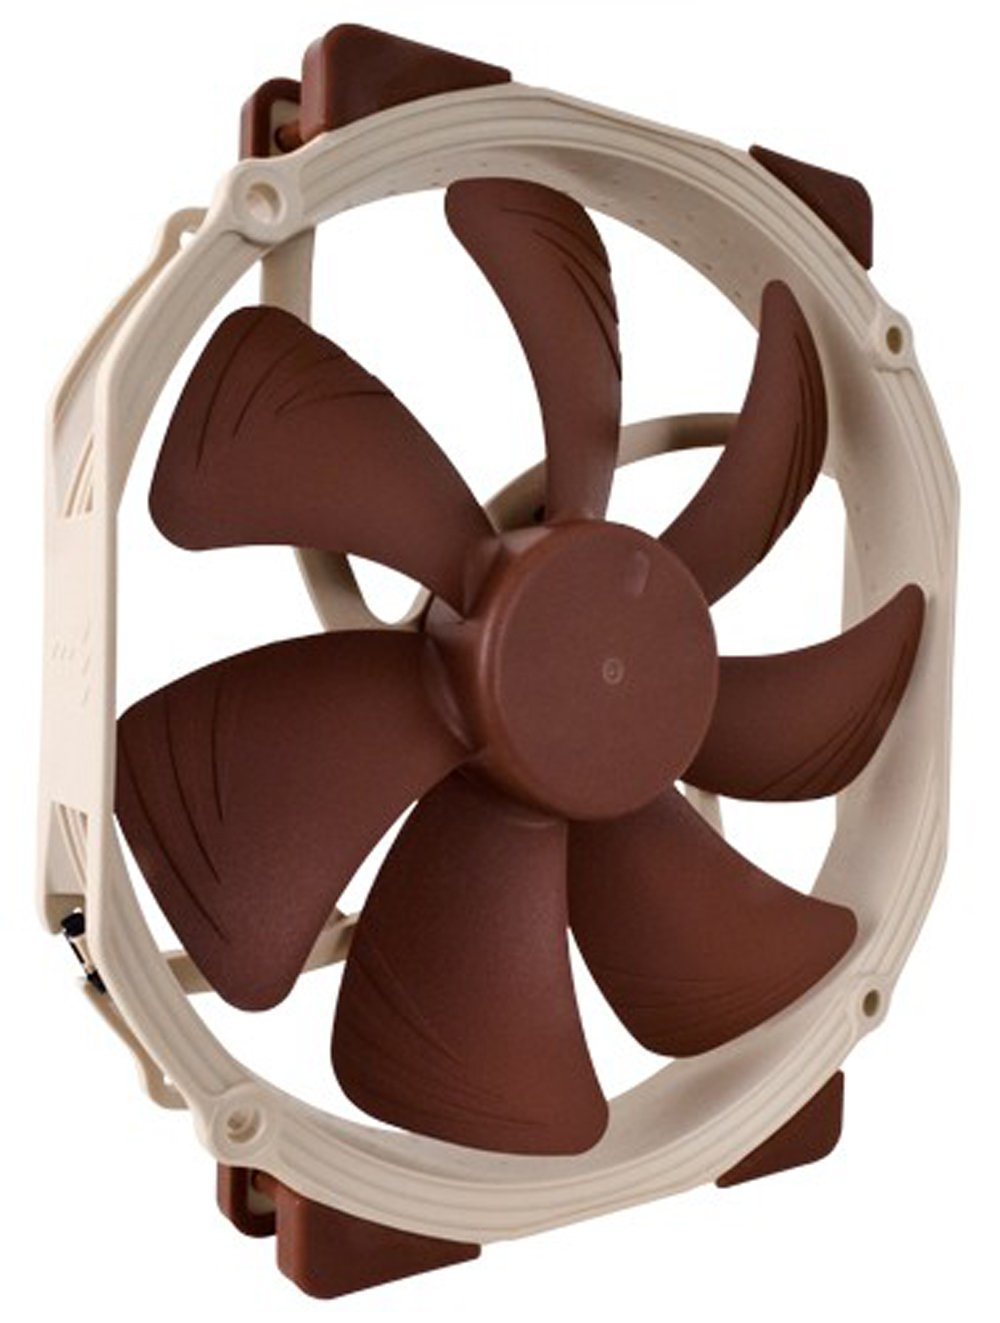 Noctua 150mm Premium Quiet Quality Case Cooling Fan NF-A15 PWM